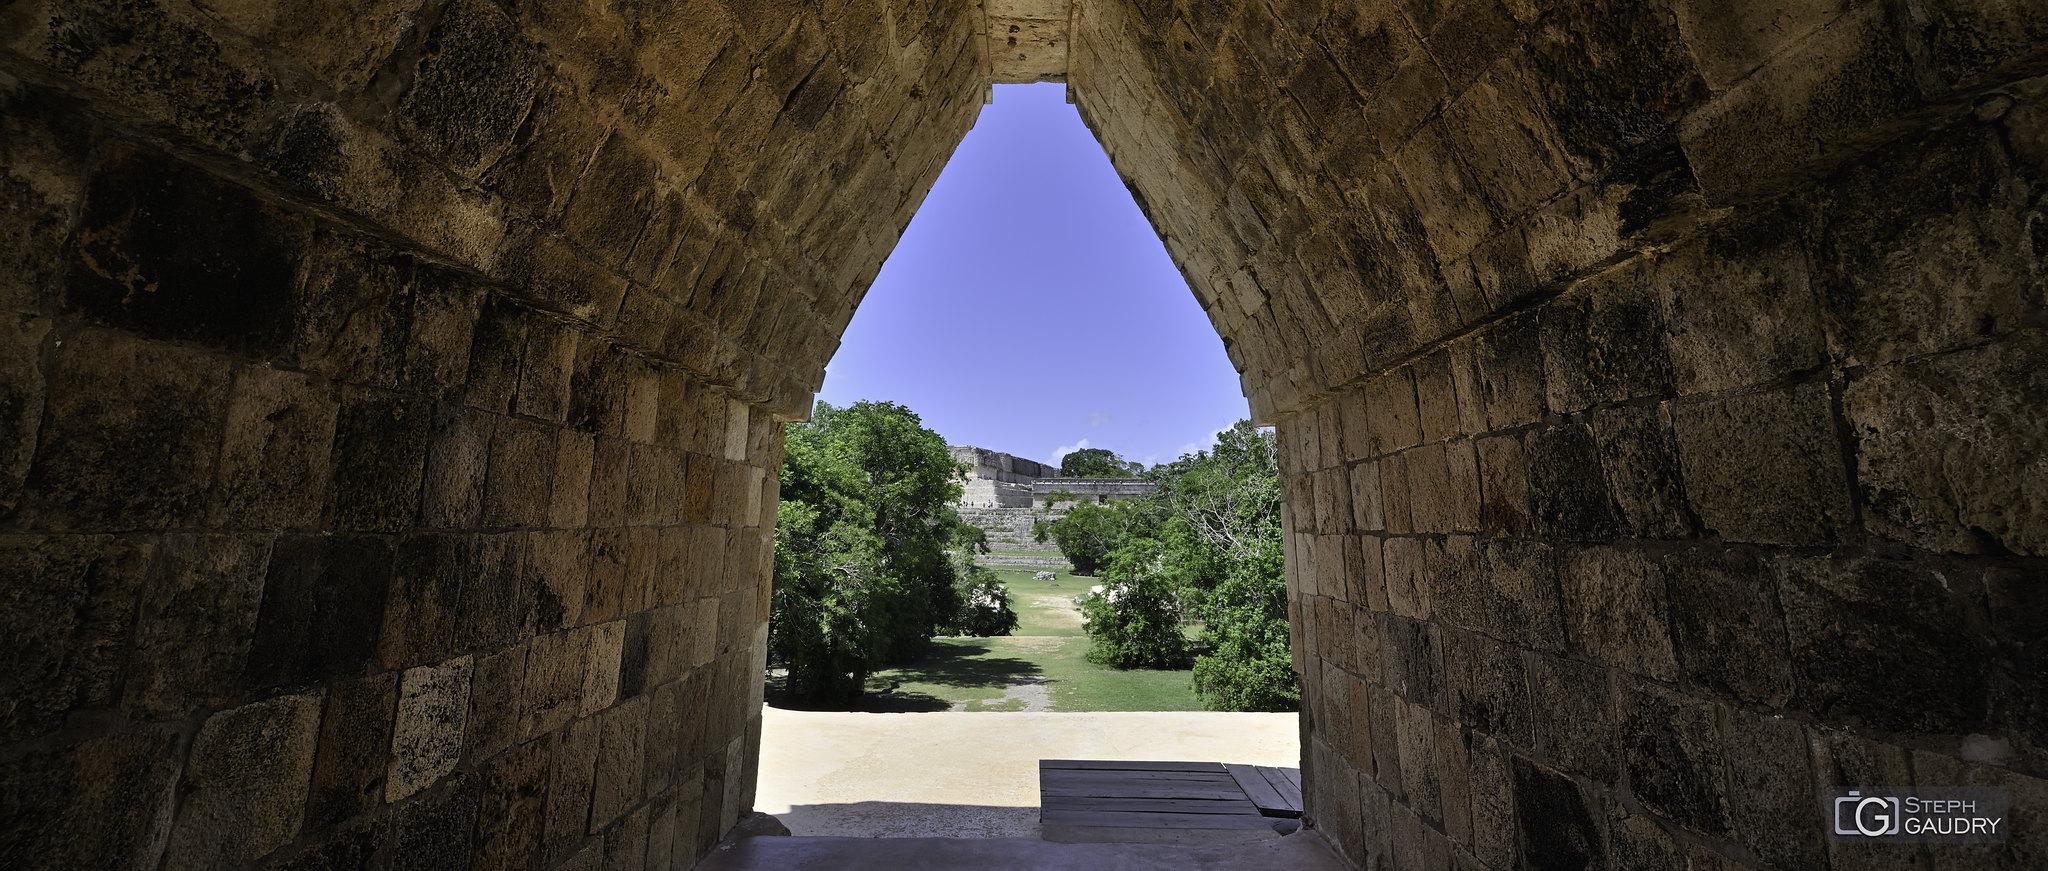 Uxmal - arche du quadrilatères des nonnes [Klicken Sie hier, um die Diashow zu starten]